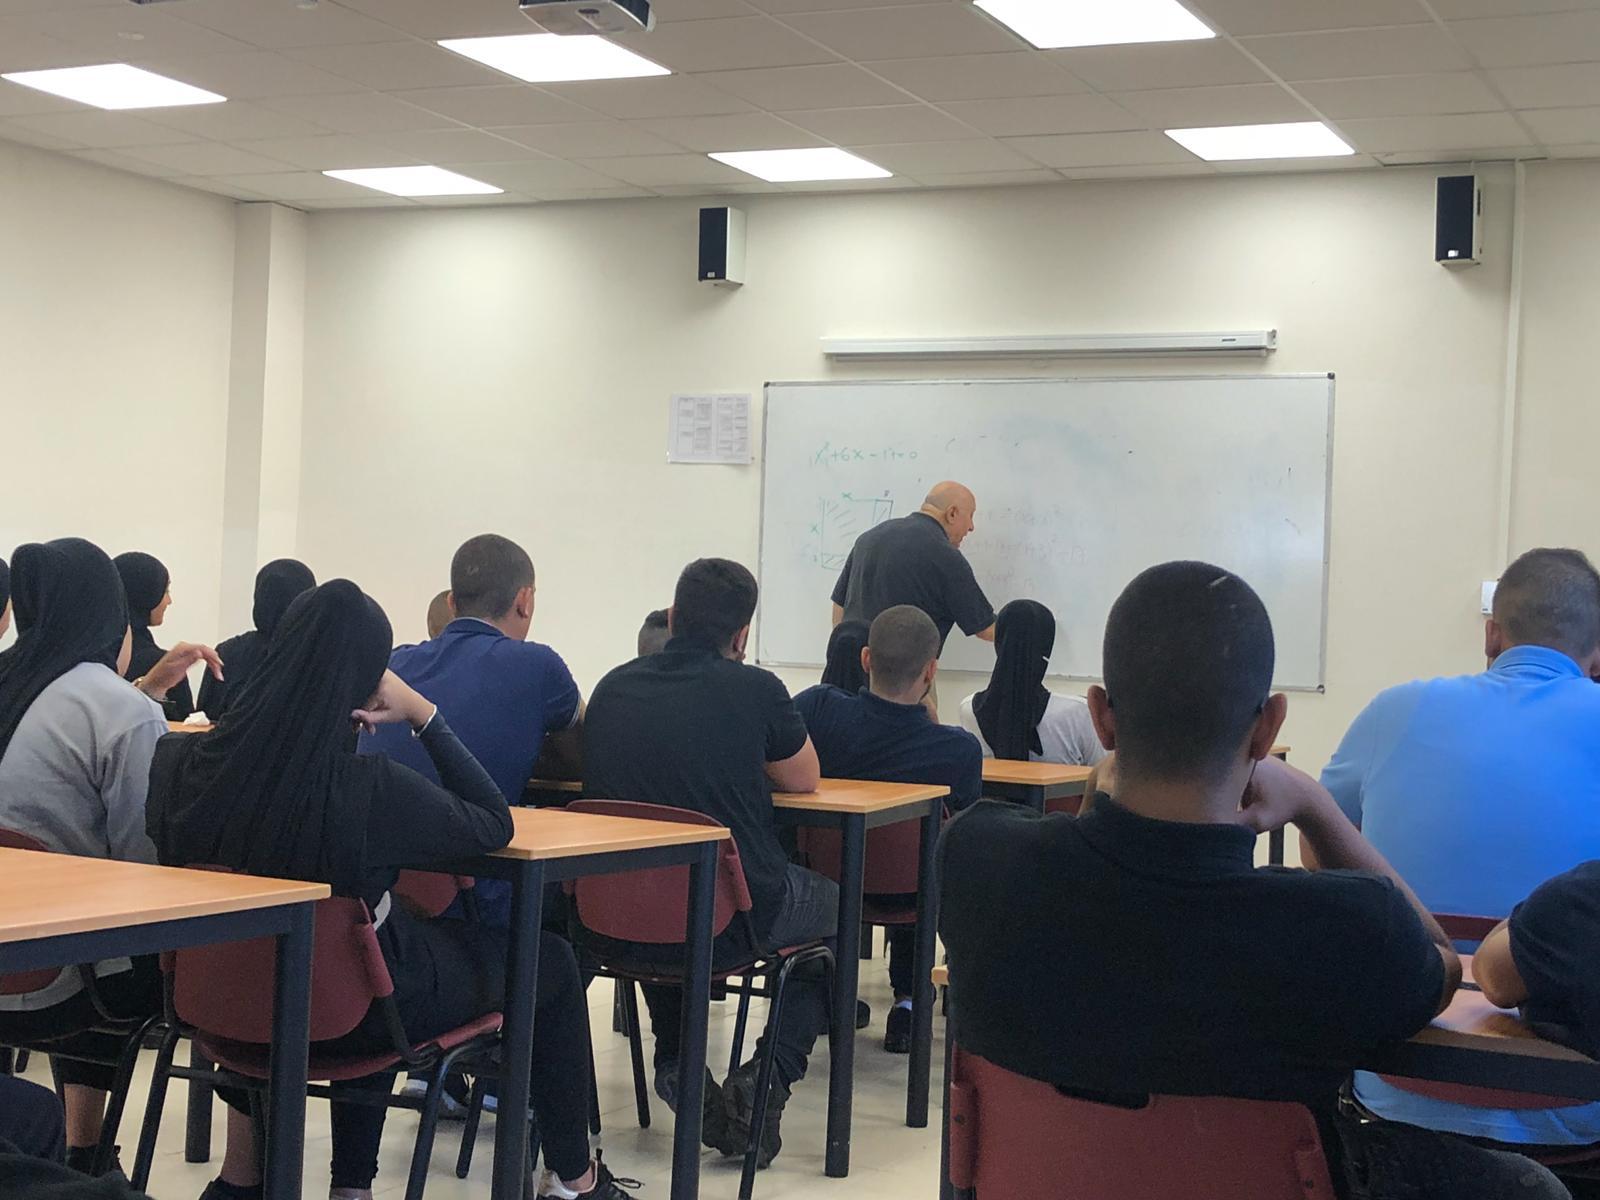 محاضرة ما هي الرياضيات لطلاب الثواني عشر في مدرستي دار الحكمة واورط الثانوية